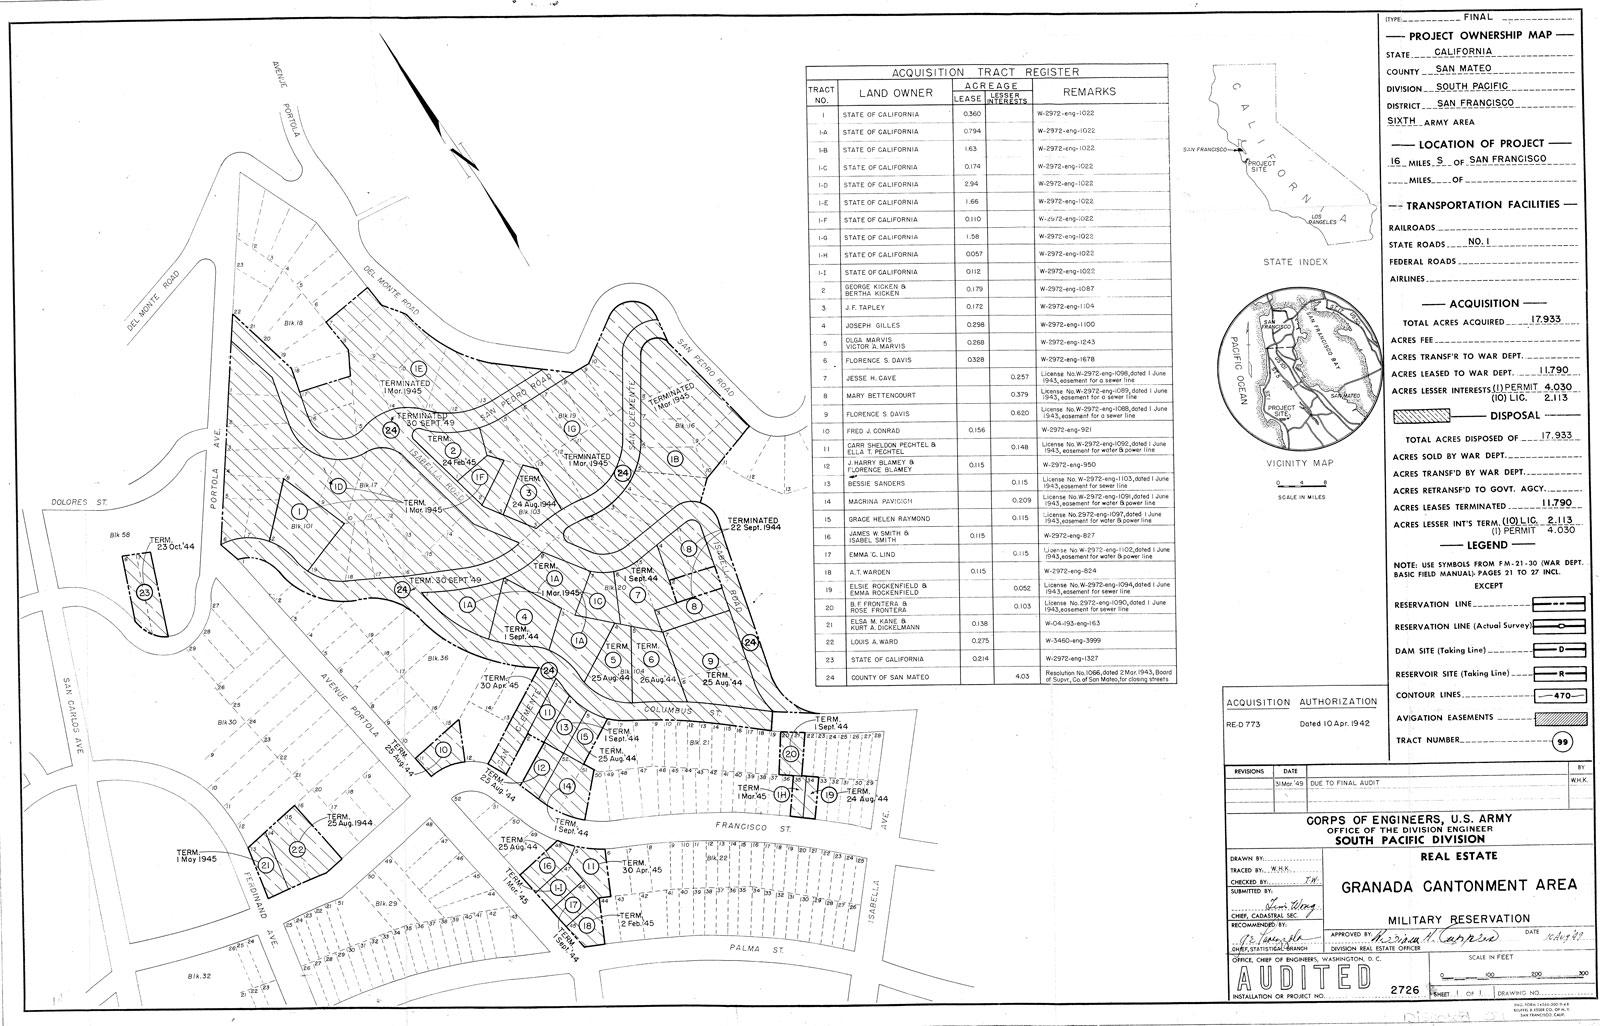 Granada Cantonment Area